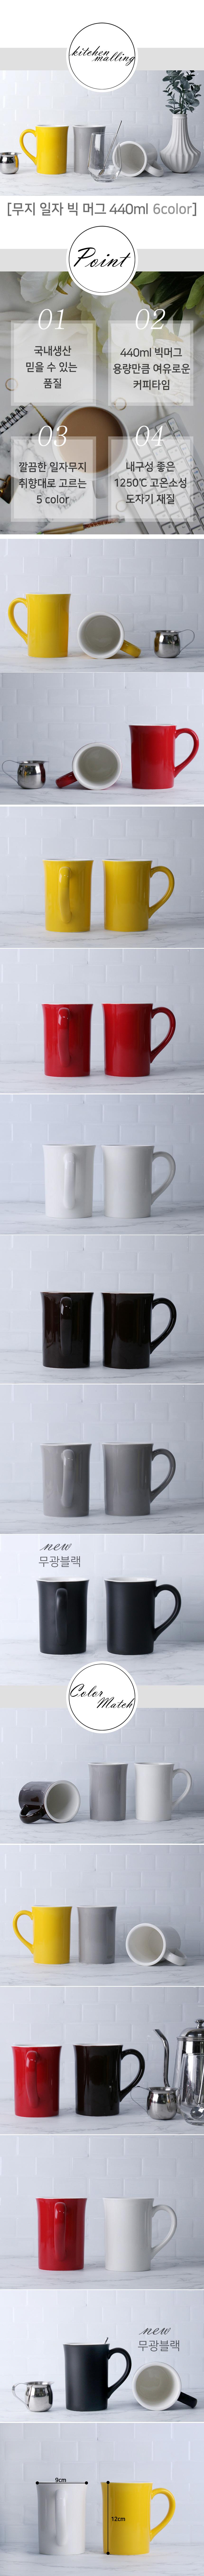 무지 일자 카페 머그컵 6color 1p - 키친몰링, 6,500원, 머그컵, 심플머그